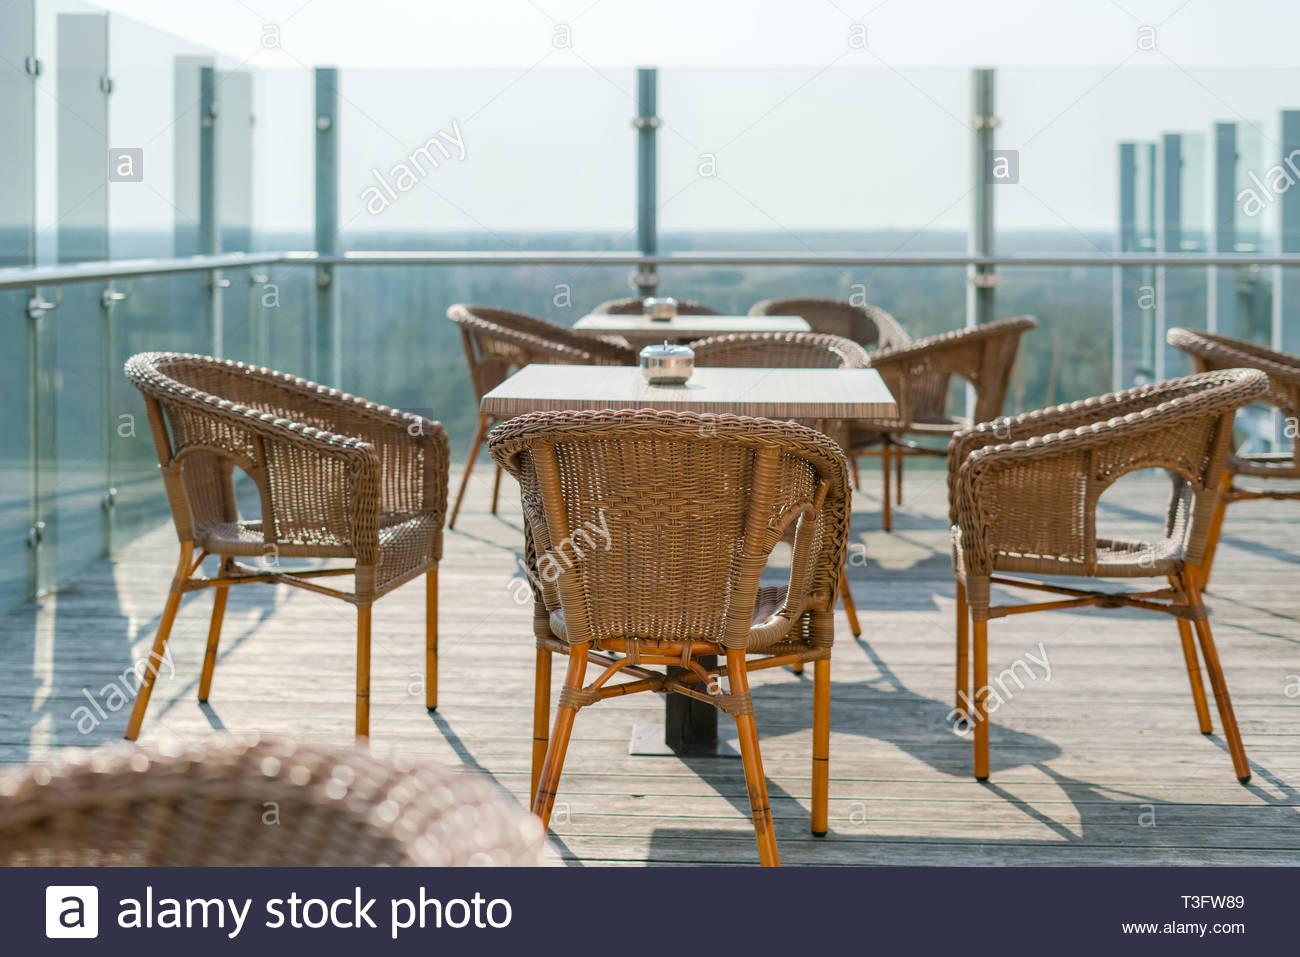 cafe vide avec des fauteuils en osier et en rotin tables sur jardin d ete terrasse exterieur l espace libre table et chaises de cafe vide meubles en rotin t3fw89